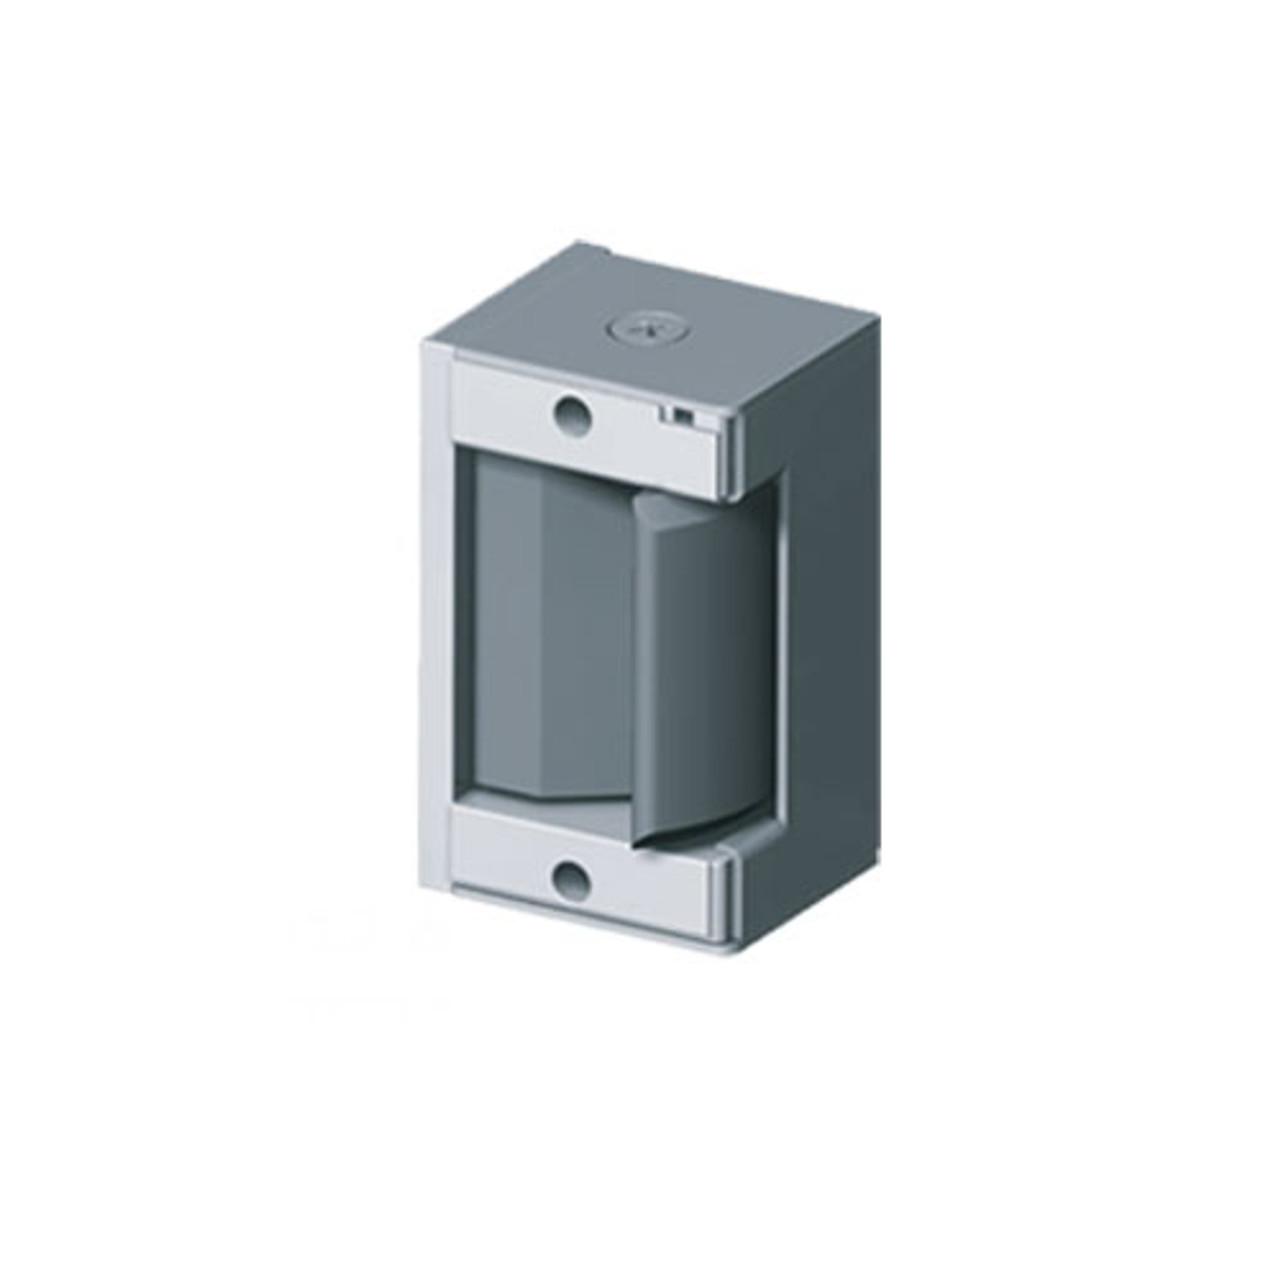 3024 Trine Access Technology 3000 Series Mechanism